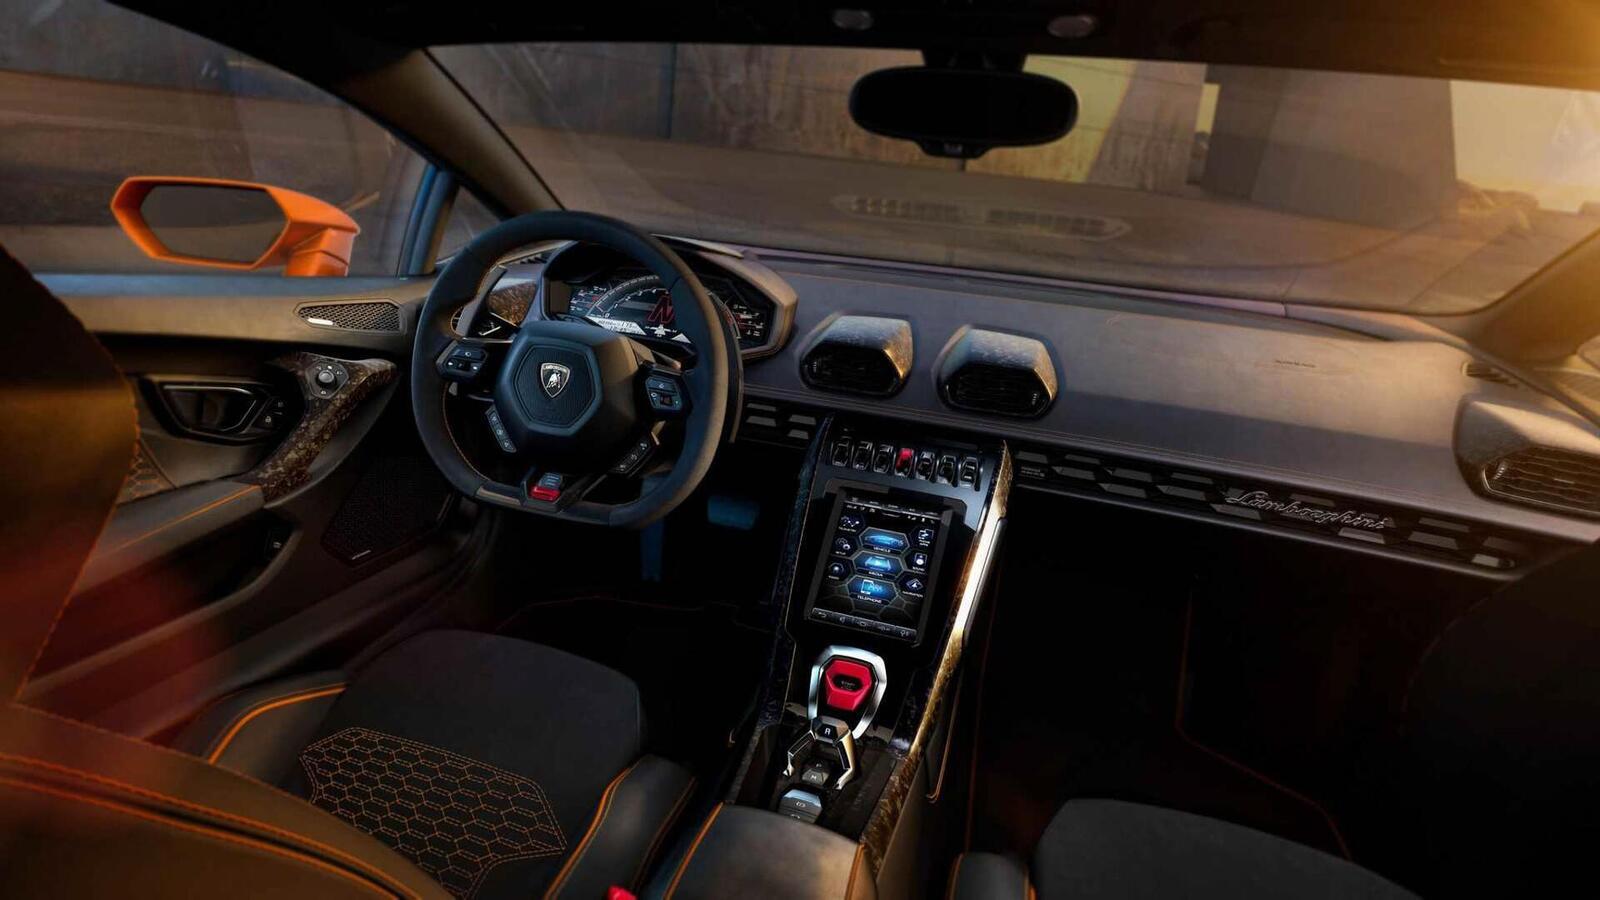 Lamborghini giới thiệu Huracan EVO mới với sức mạnh 640 mã lực - Hình 8